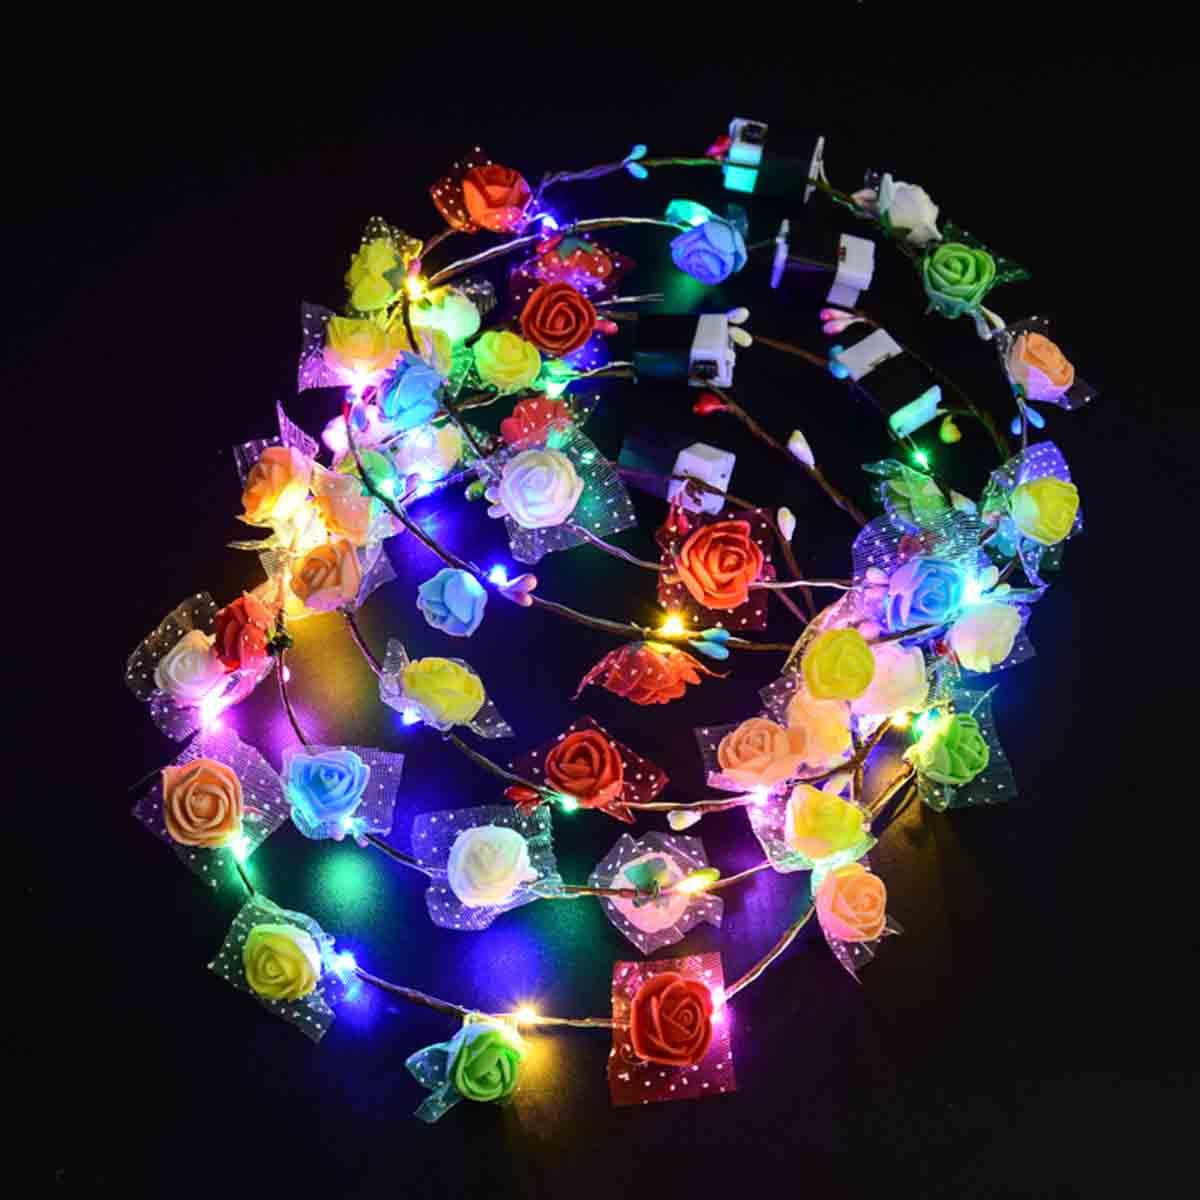 ШТ. 3 Режима LED Цветочный Венок Оголовье Гирлянда Colorful Свет Свадебное Праздничная Вечеринка